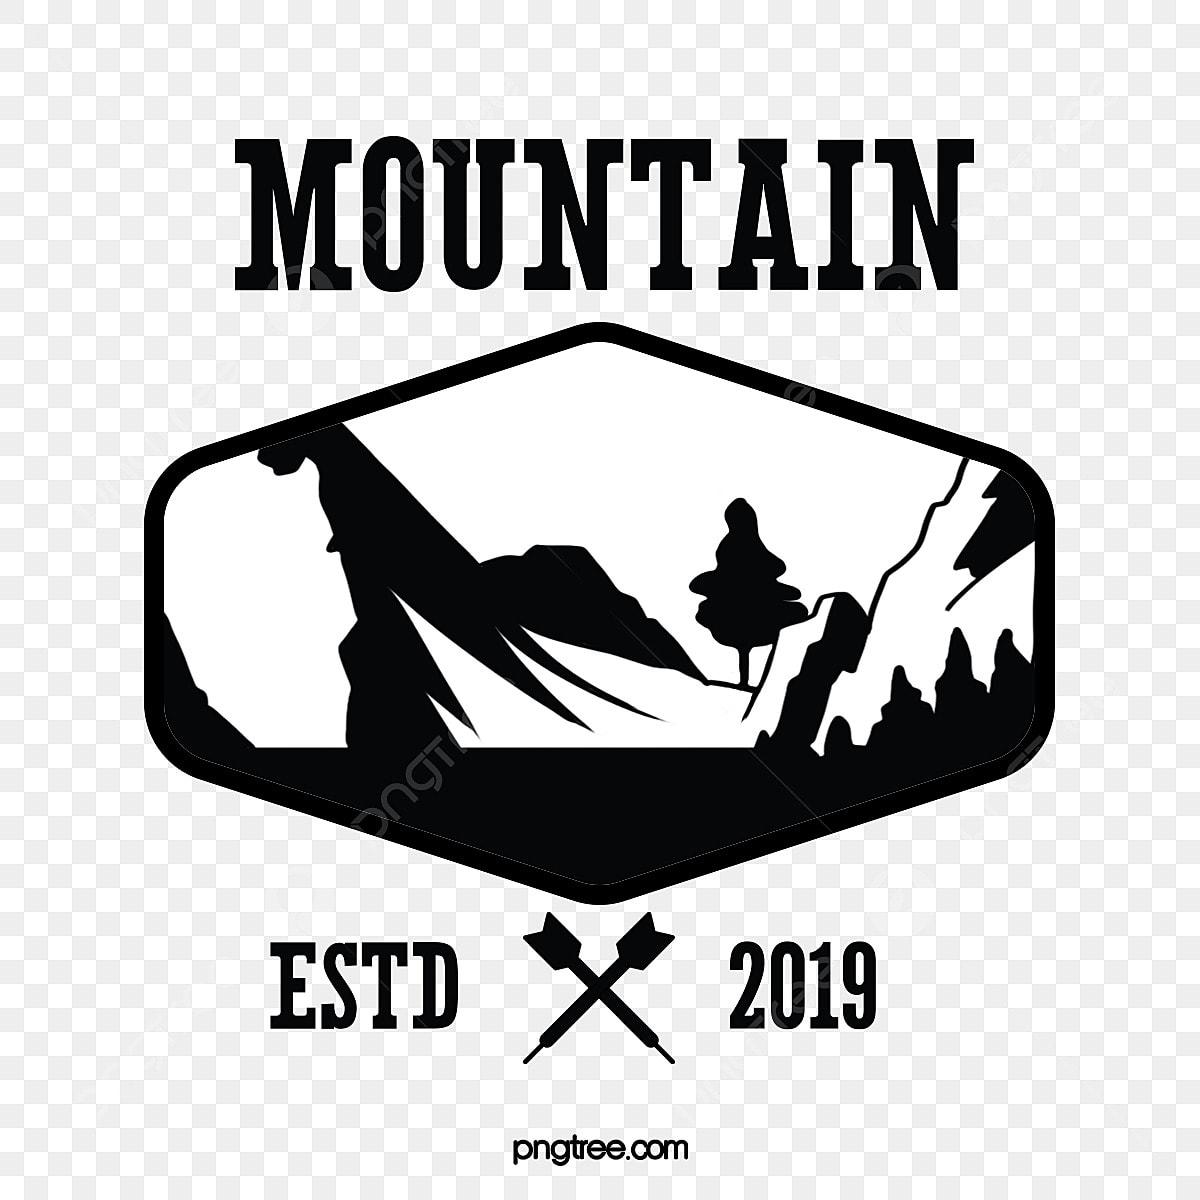 Gambar Gunung Hitam Dan Putih Dan Stiker Pegunungan Pegunungan Gunung Dan Sungai Medali Png Transparan Clipart Dan File Psd Untuk Unduh Gratis